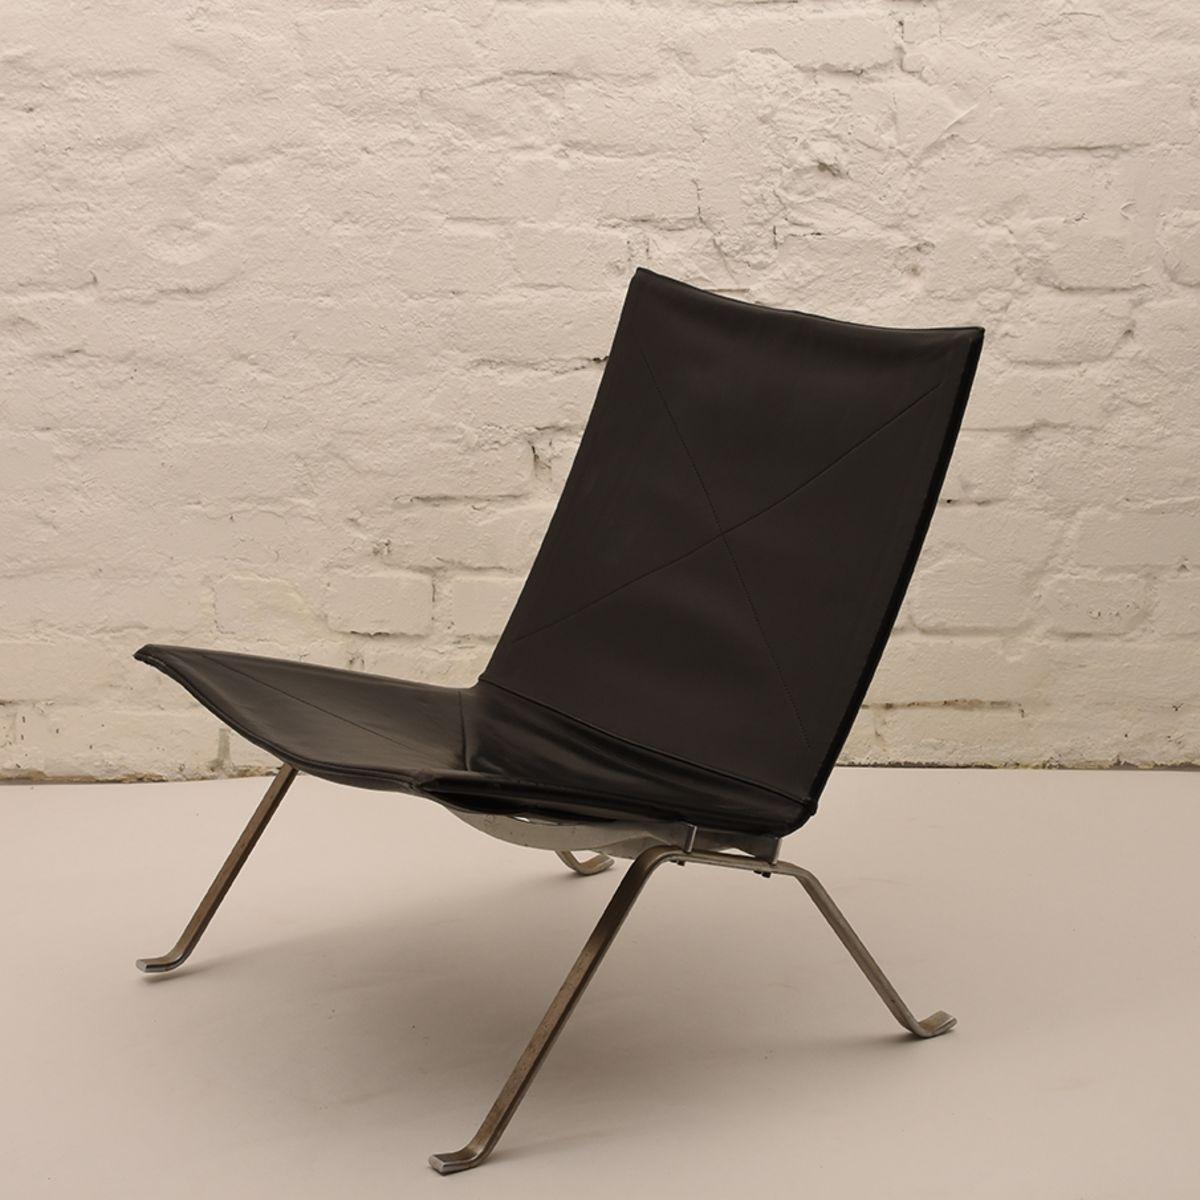 Poul-Kjaerholm_Pk22-Lounge-Chair